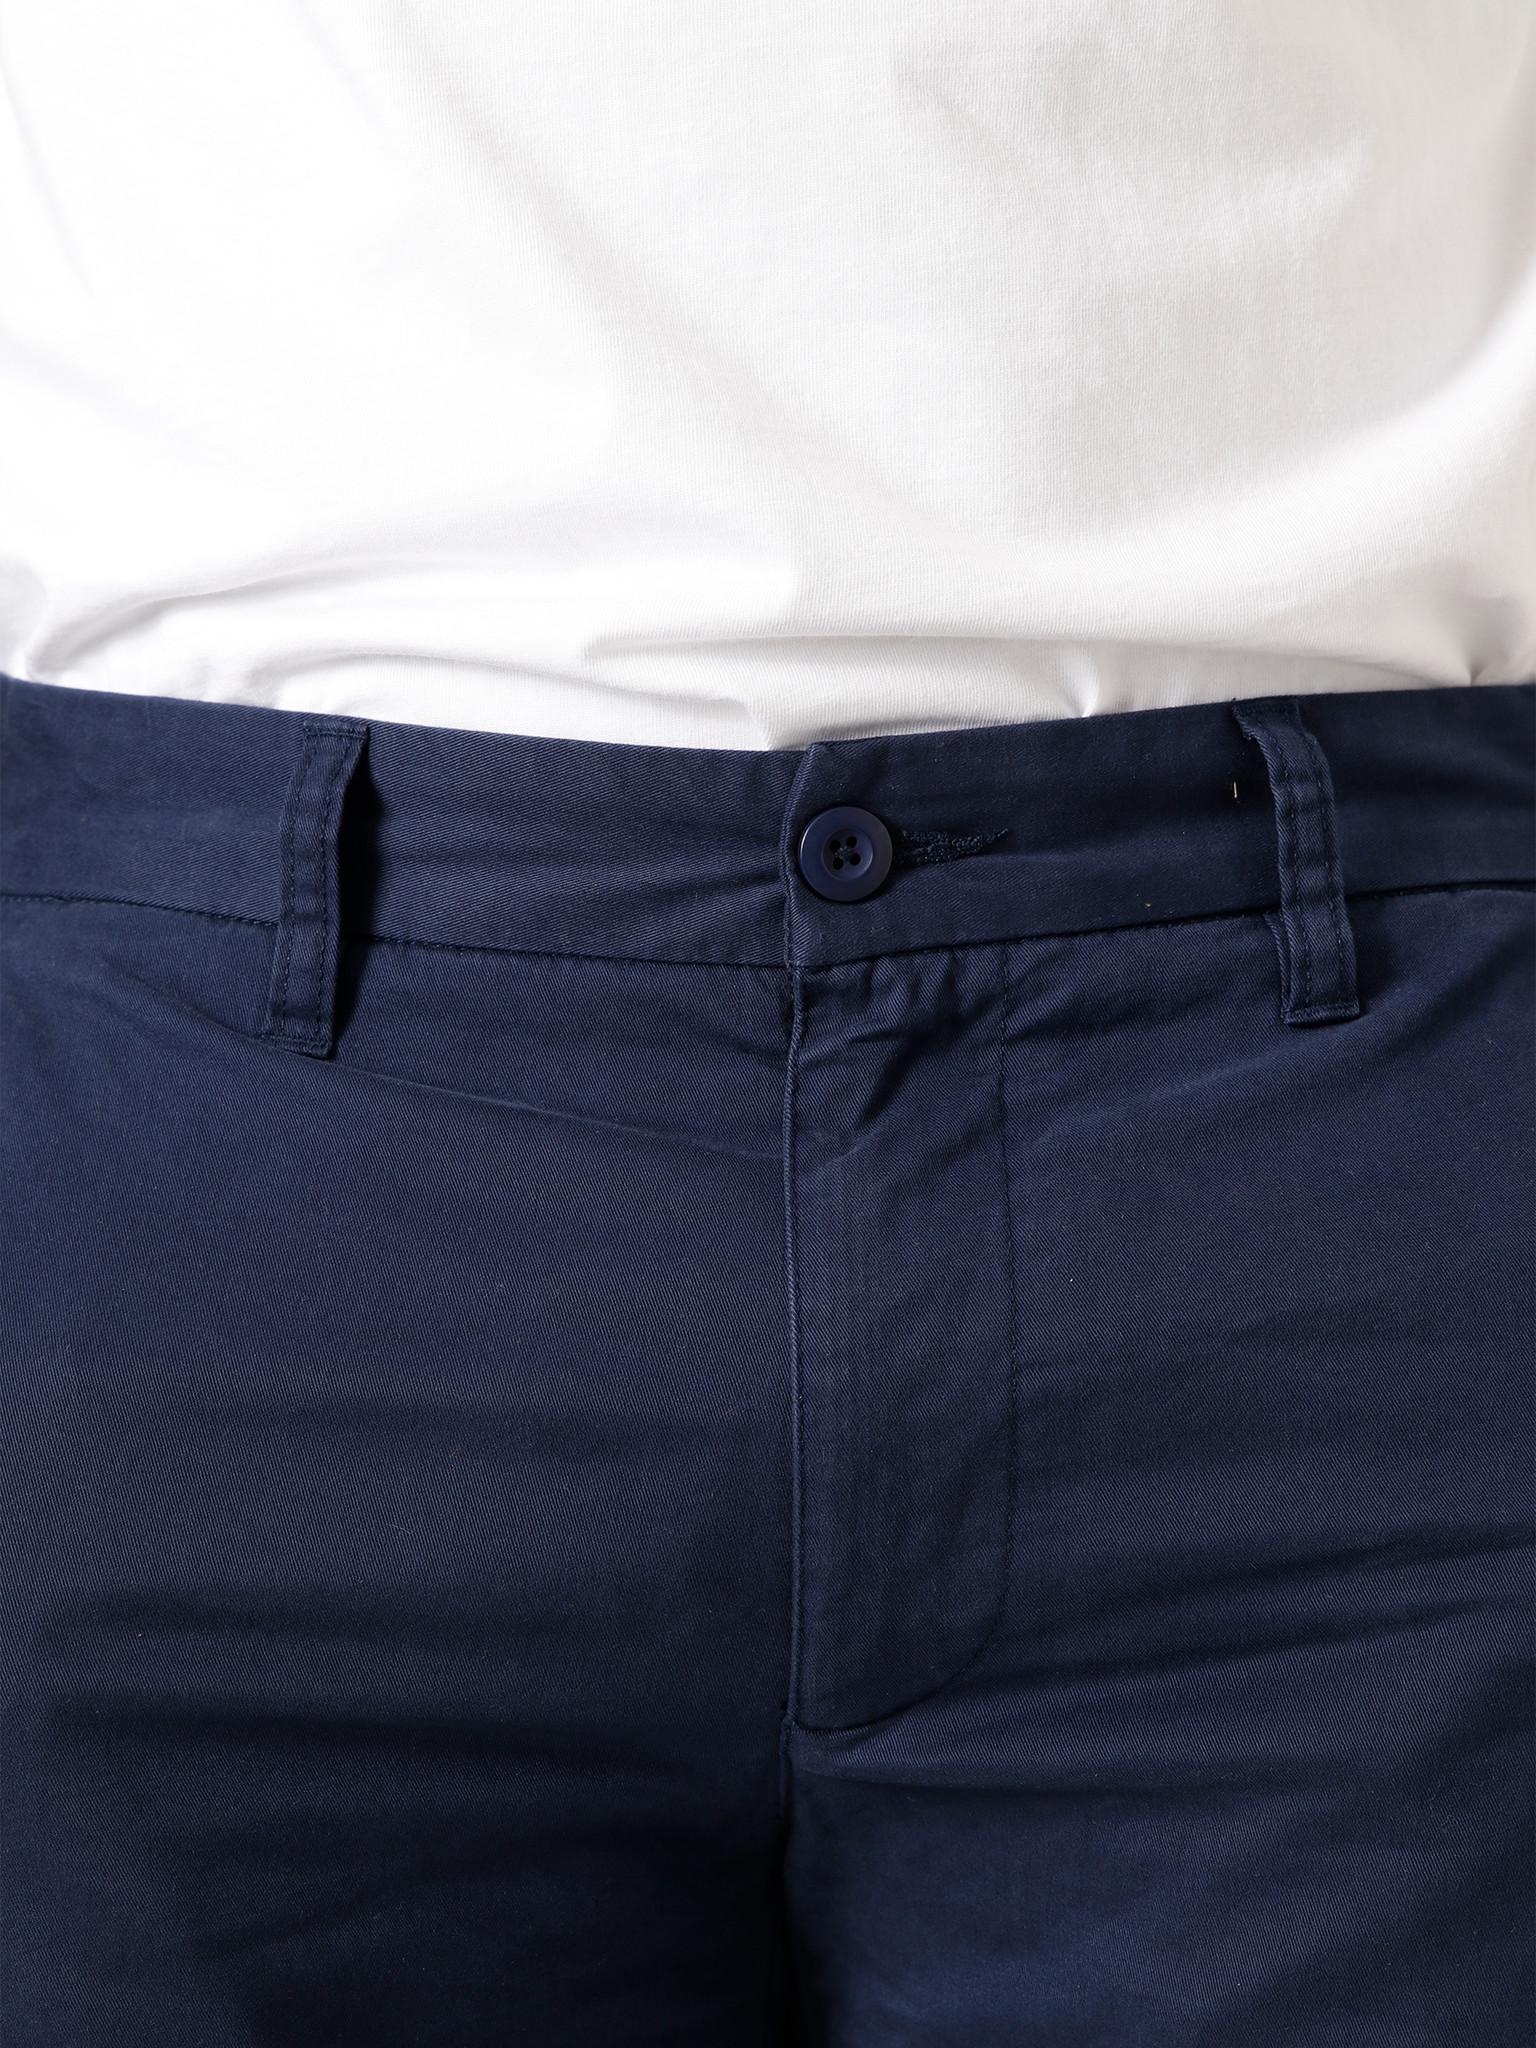 Quality Blanks Quality Blanks QB34 Chino Short Navy